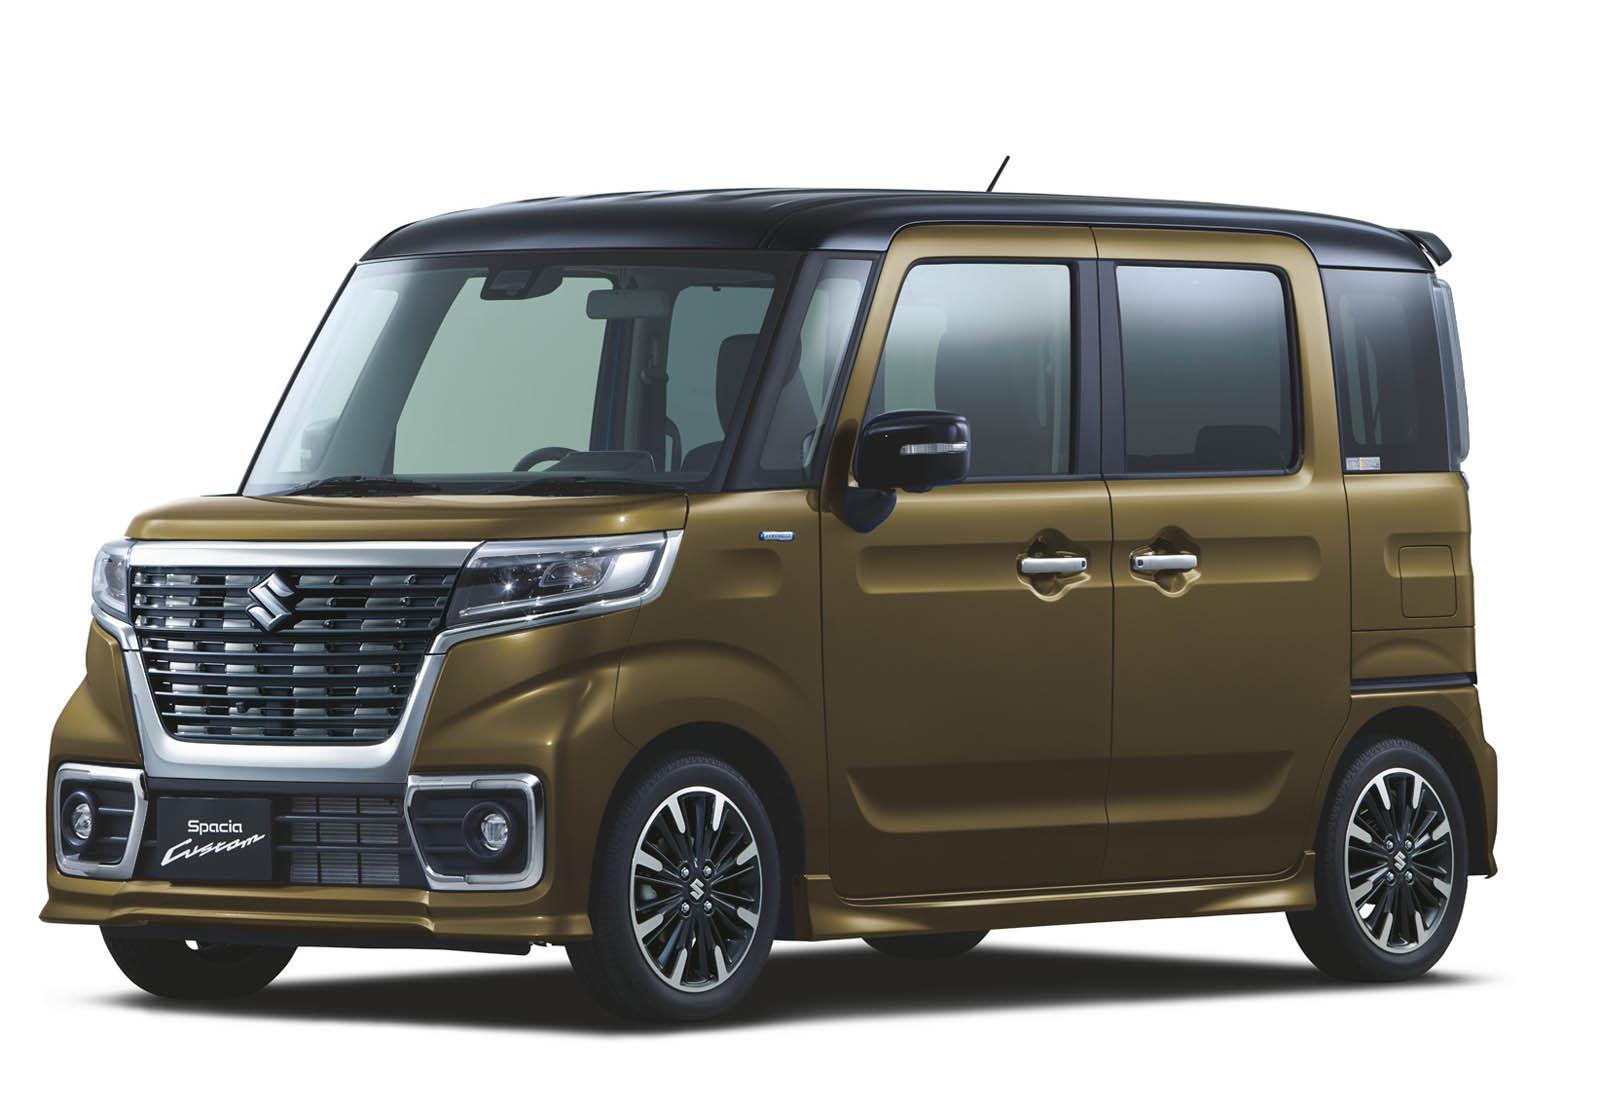 Suzuki Spacia 2018 (27)